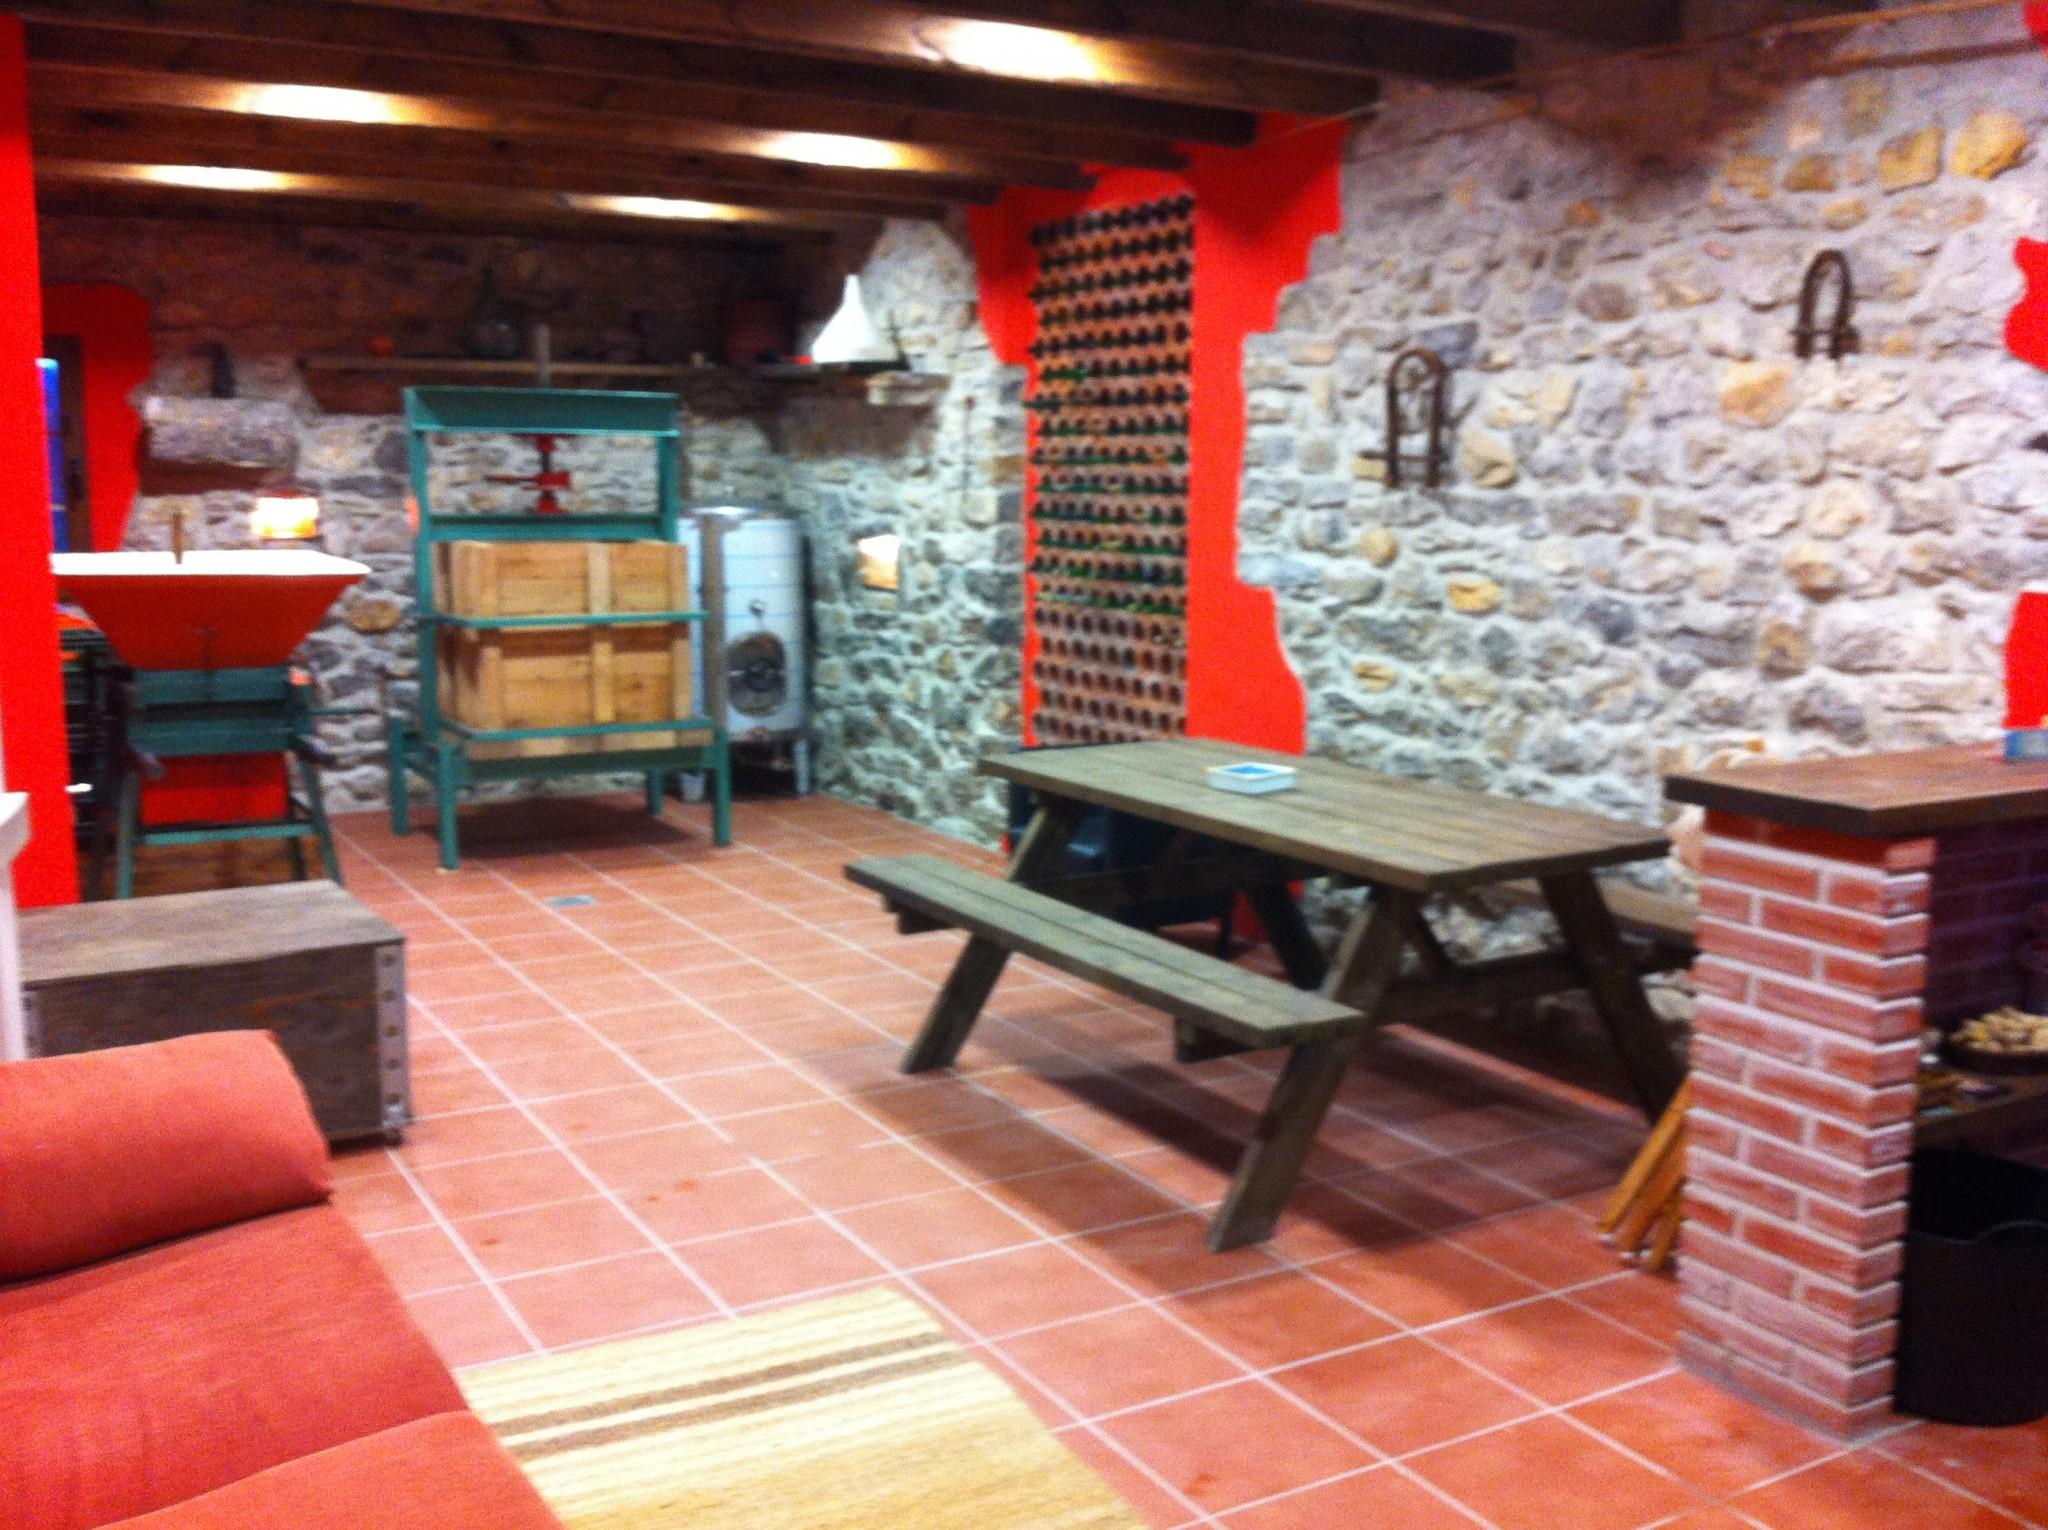 Salon lagar de sidra, casa rural el Rincón del Sella,http://www.elrincondelsella.com